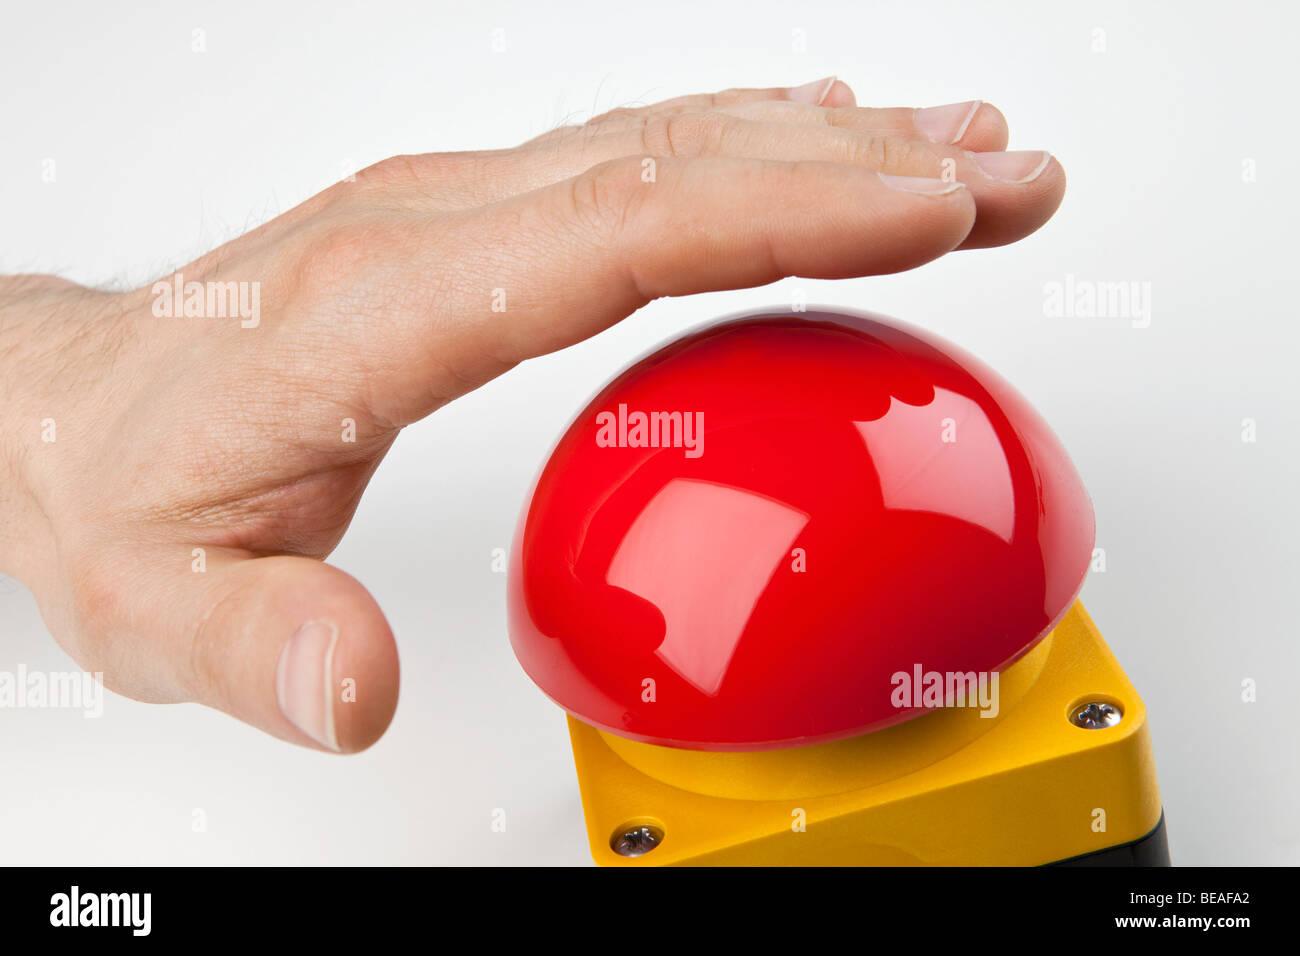 Eine Hand, eine große rote Klingel drücken Stockbild